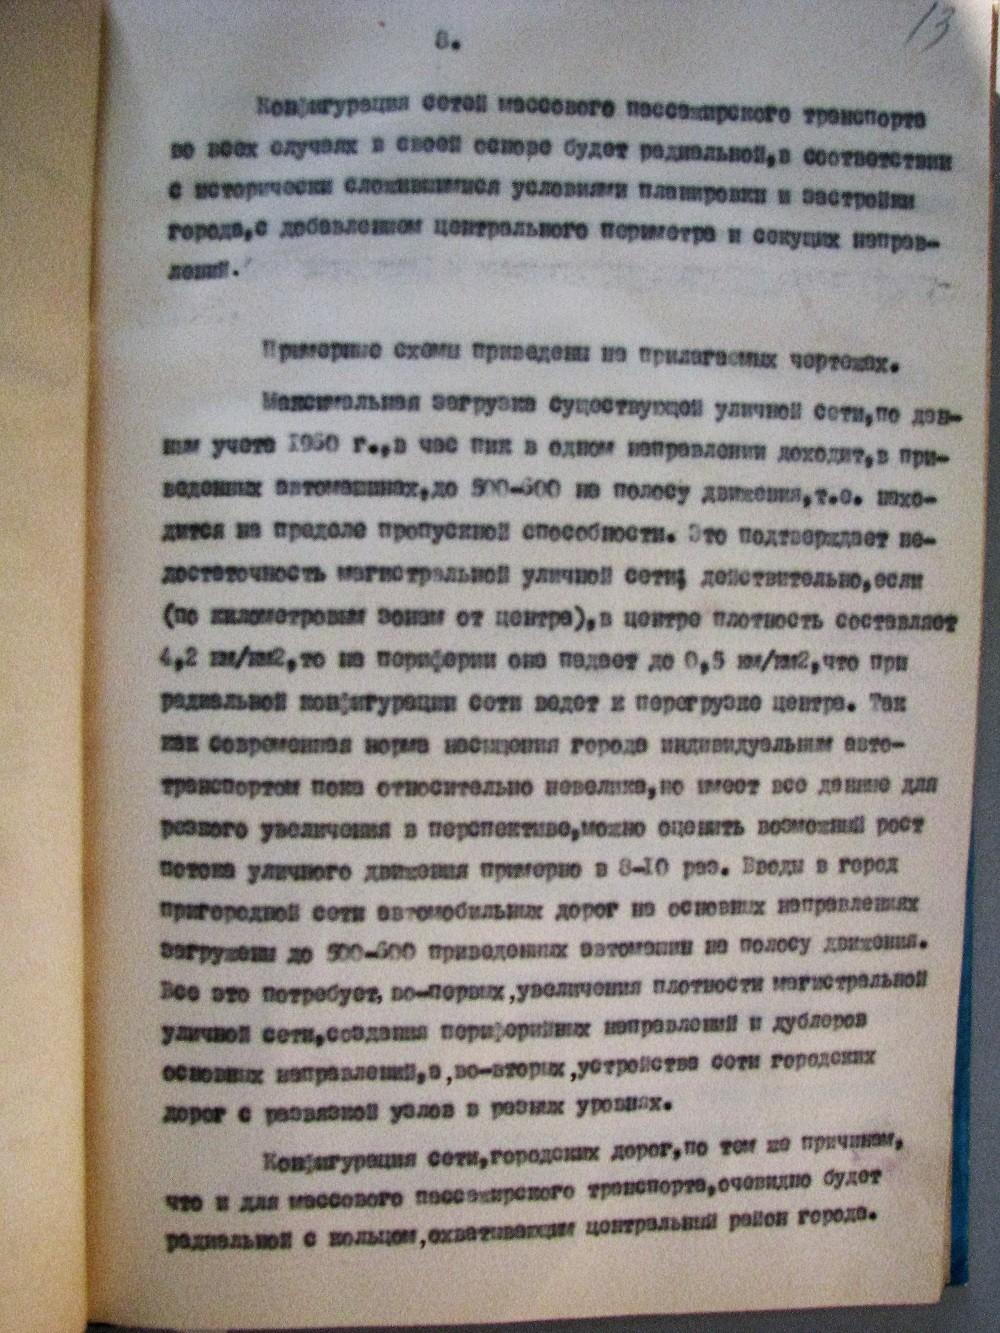 tashkent-1960-13